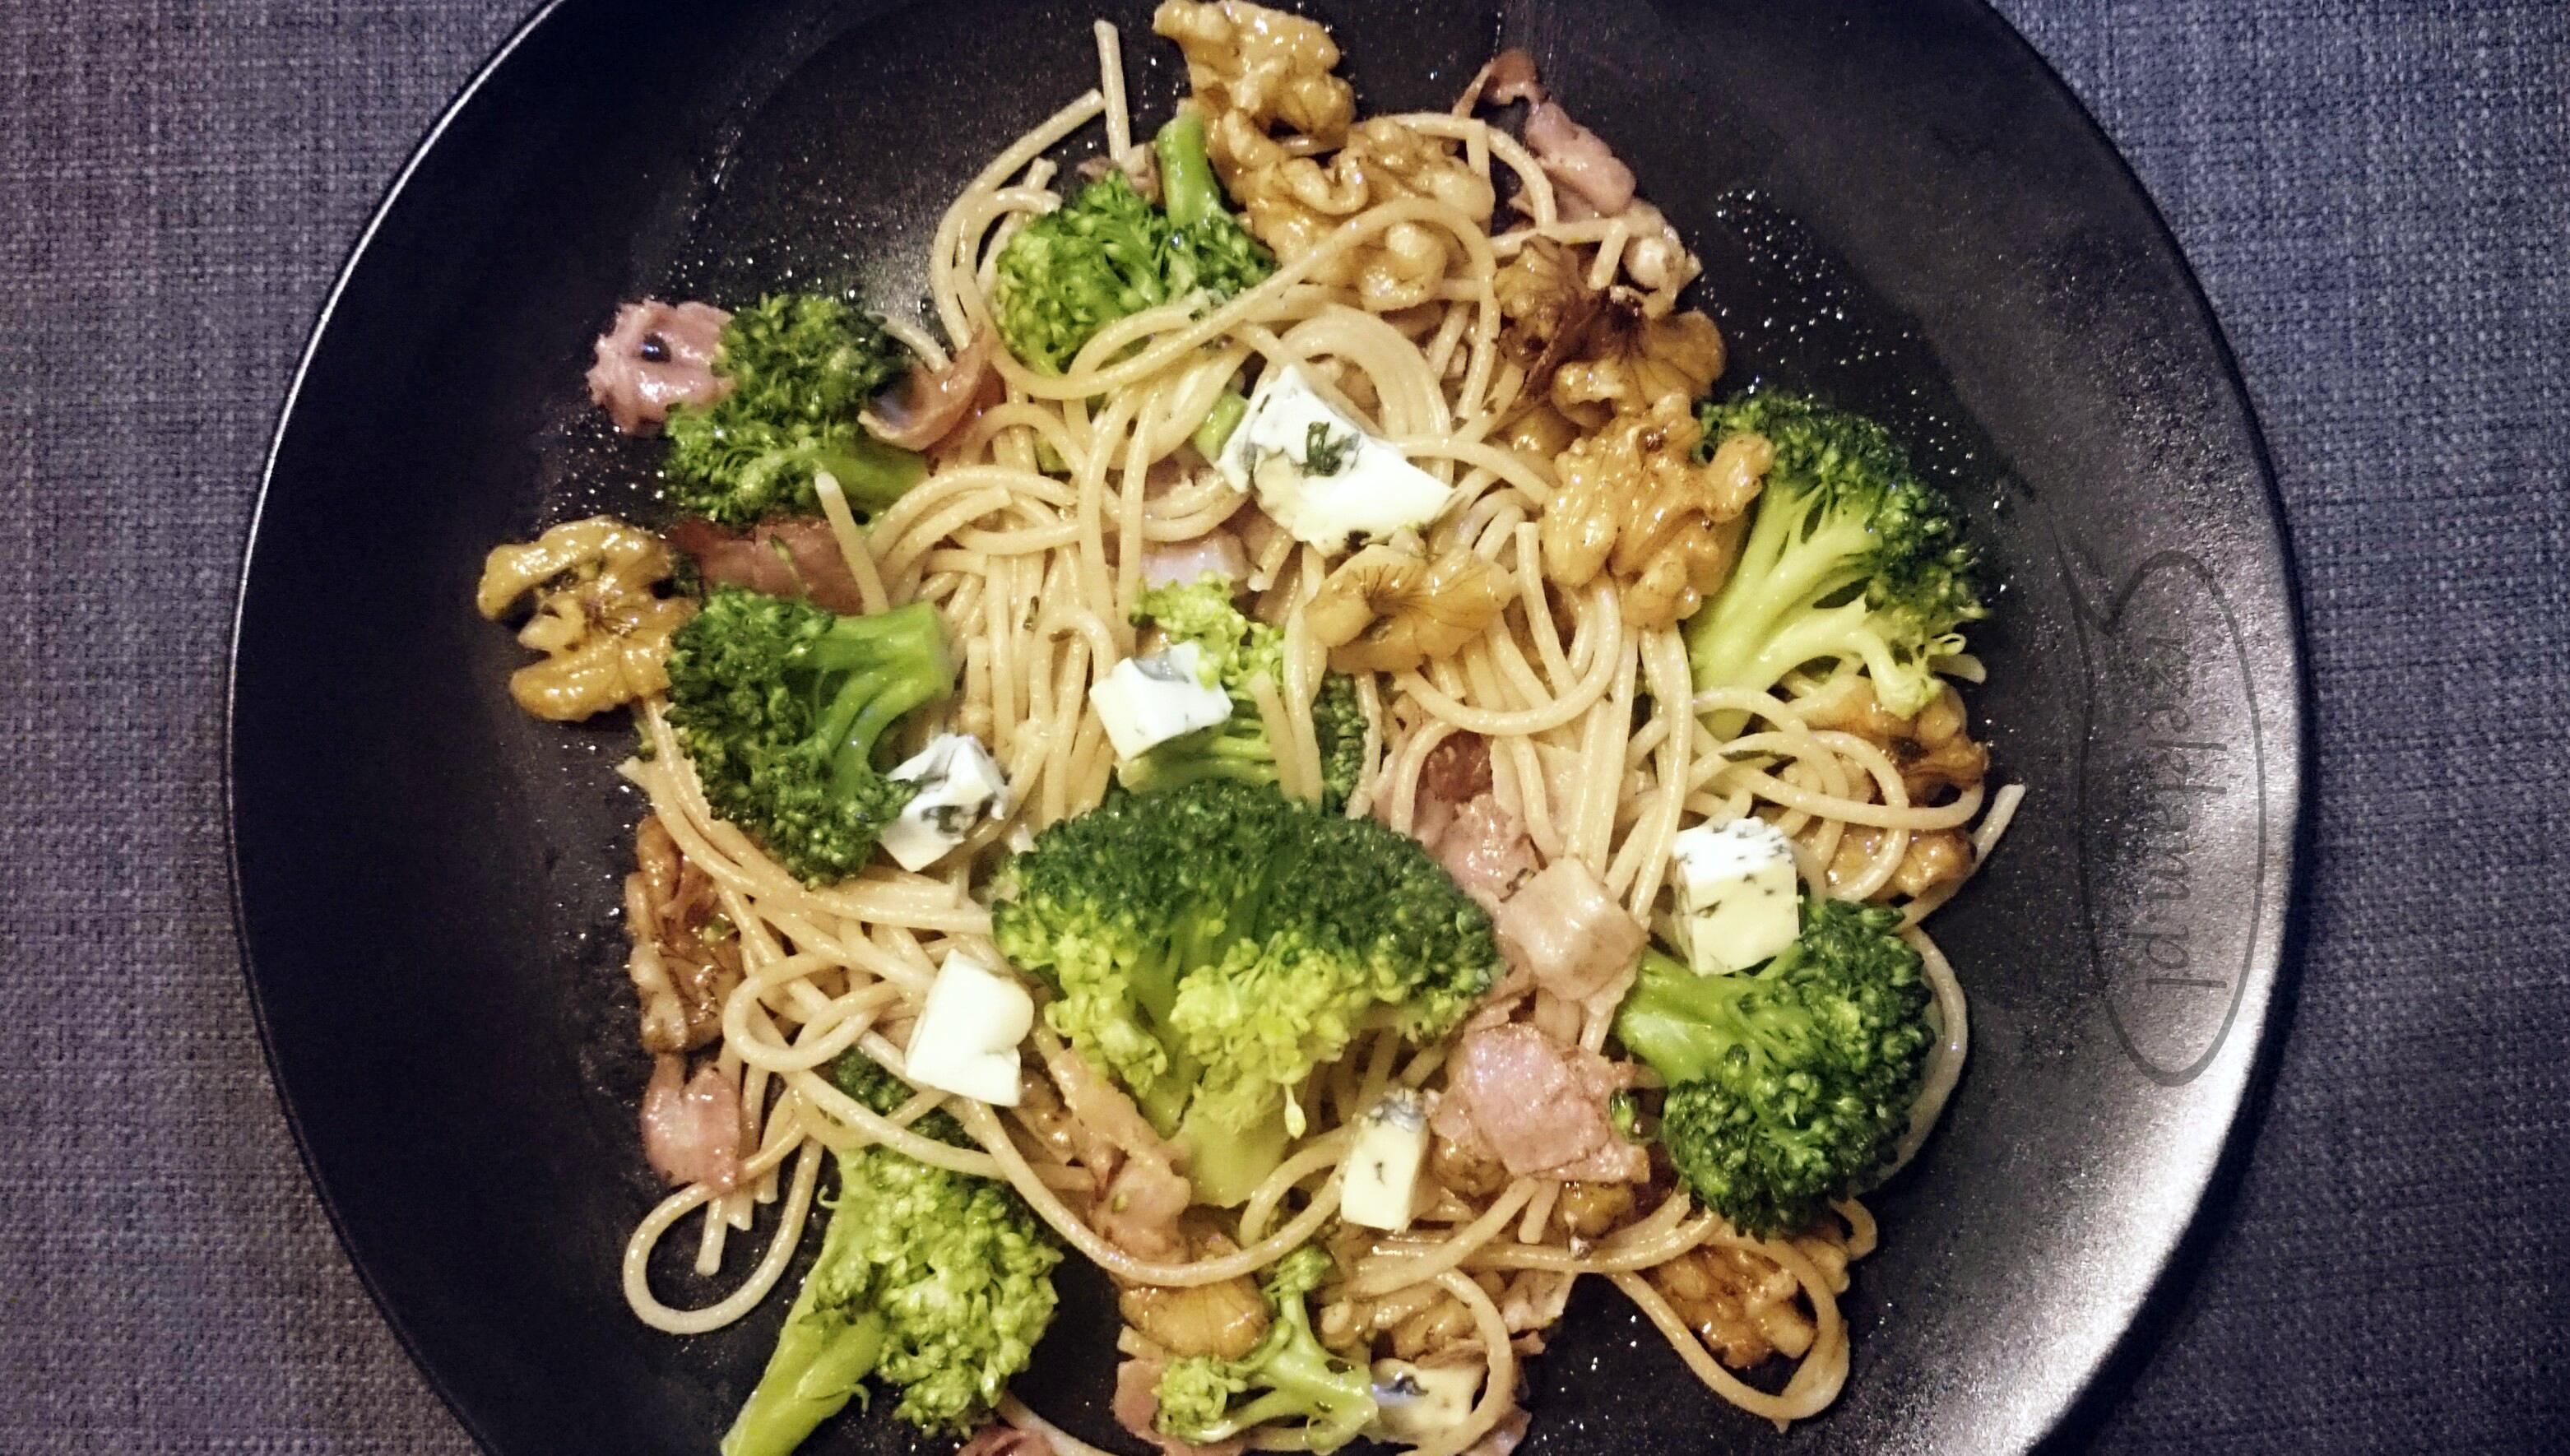 Szybki obiad: makaron z boczkiem, brokułami, orzechami i serem pleśniowym